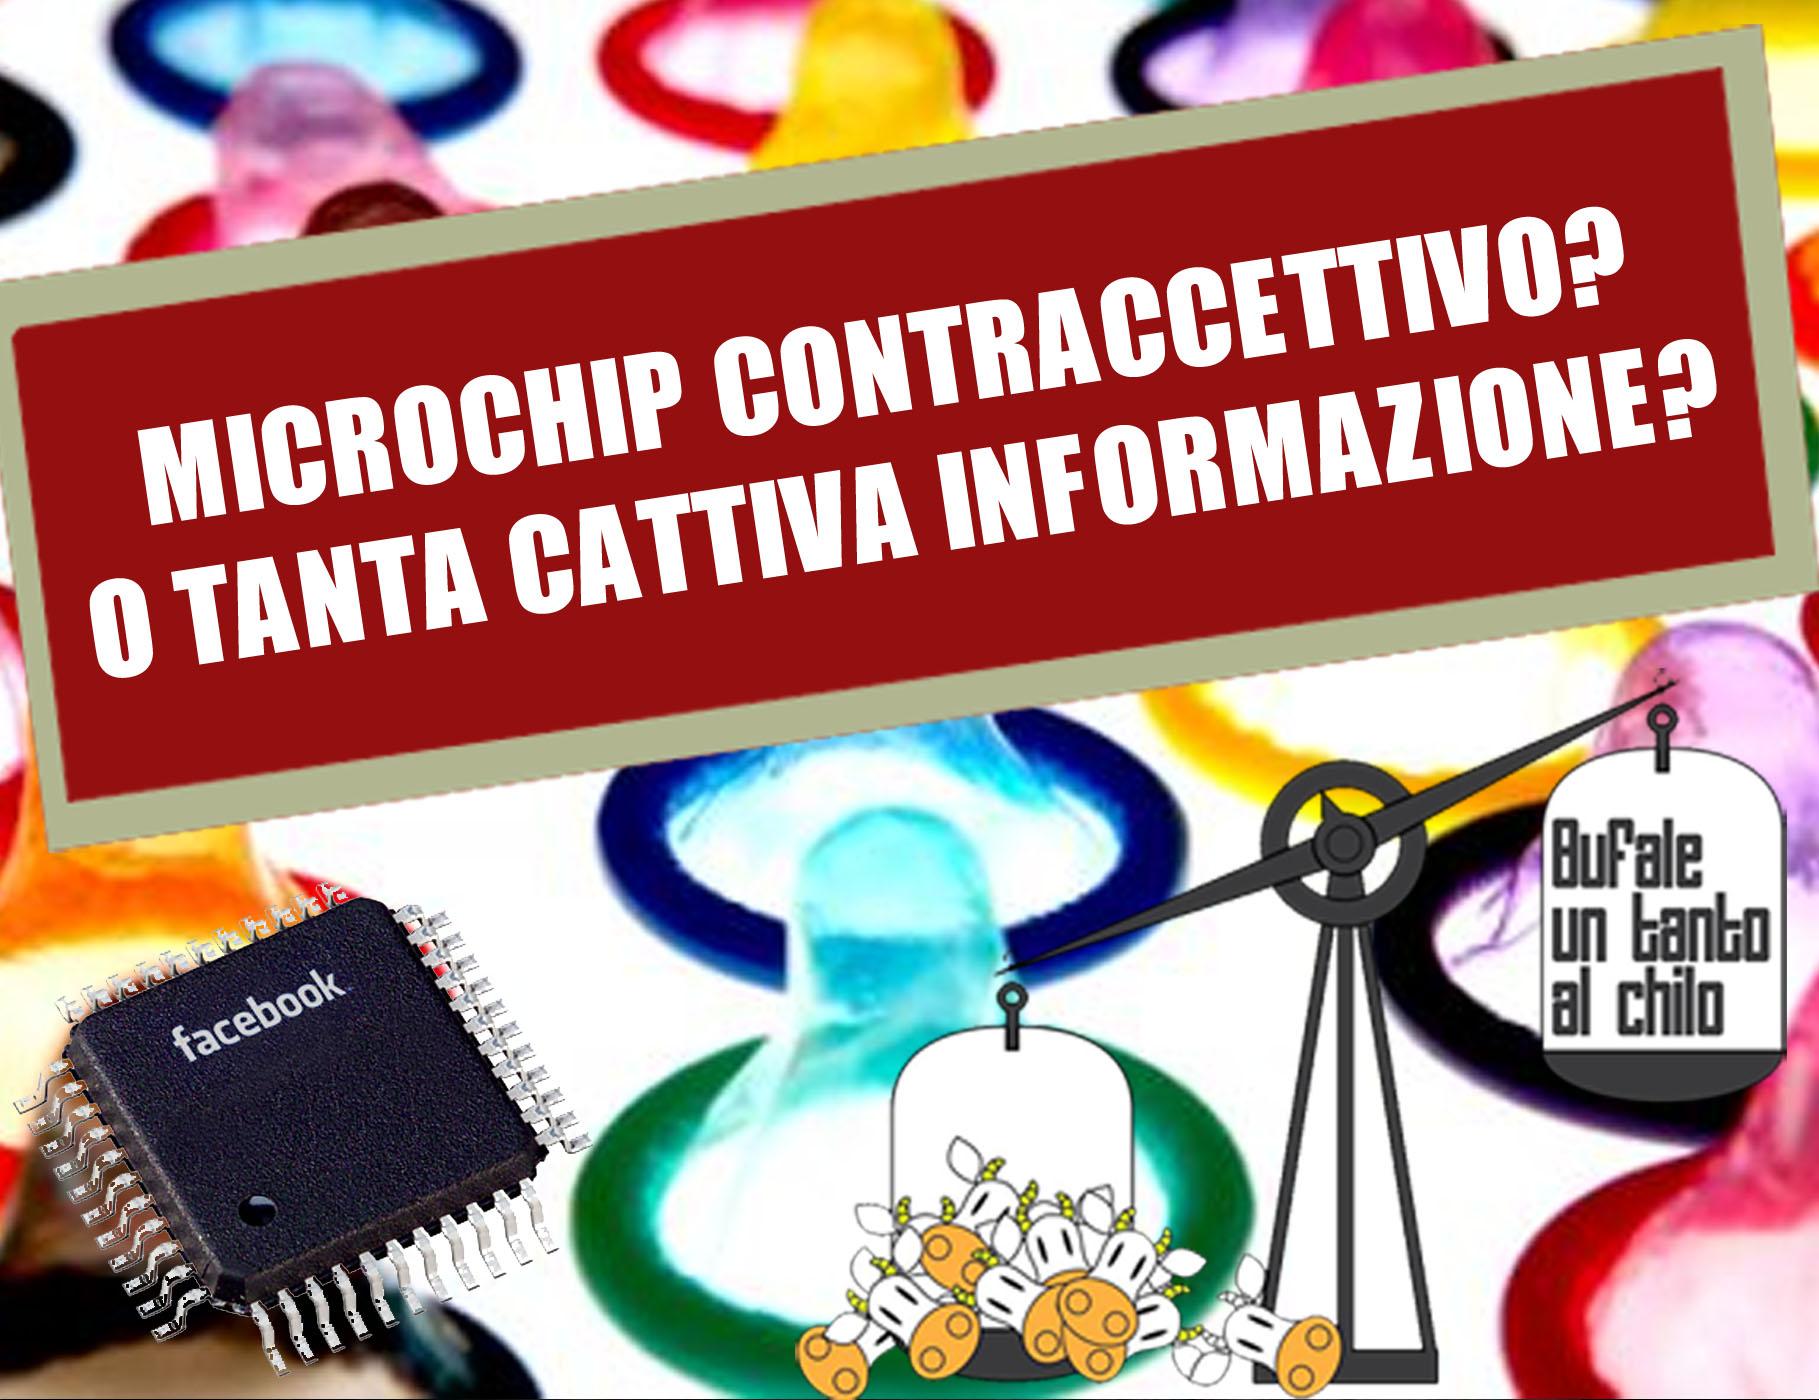 microchipcontracc